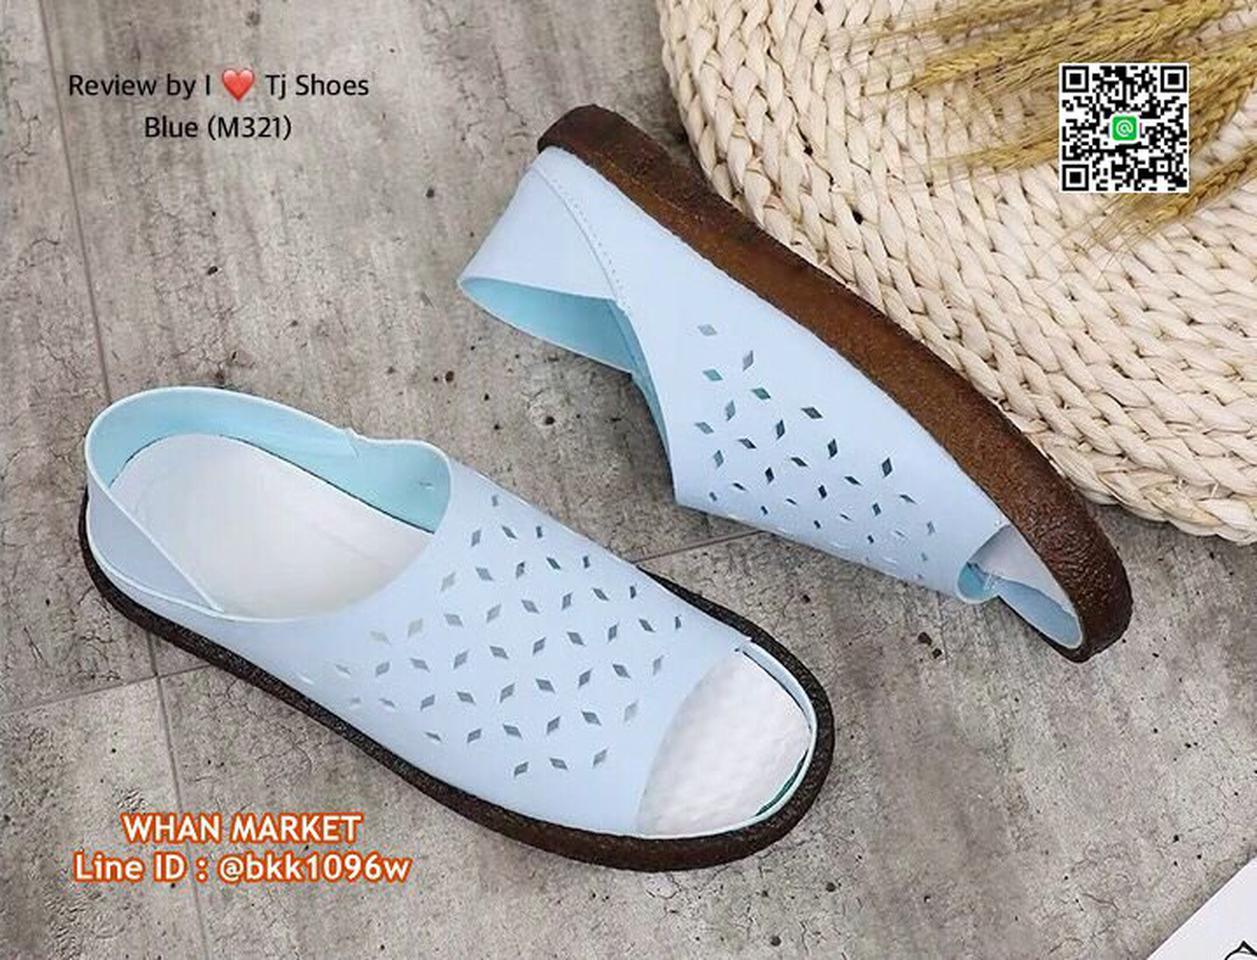 รองเท้าลำลอง หนังpuนิ่มมากกกก ใส่ได้2แบบ เปิดส้นหรือหุ้มส้น รูปที่ 3